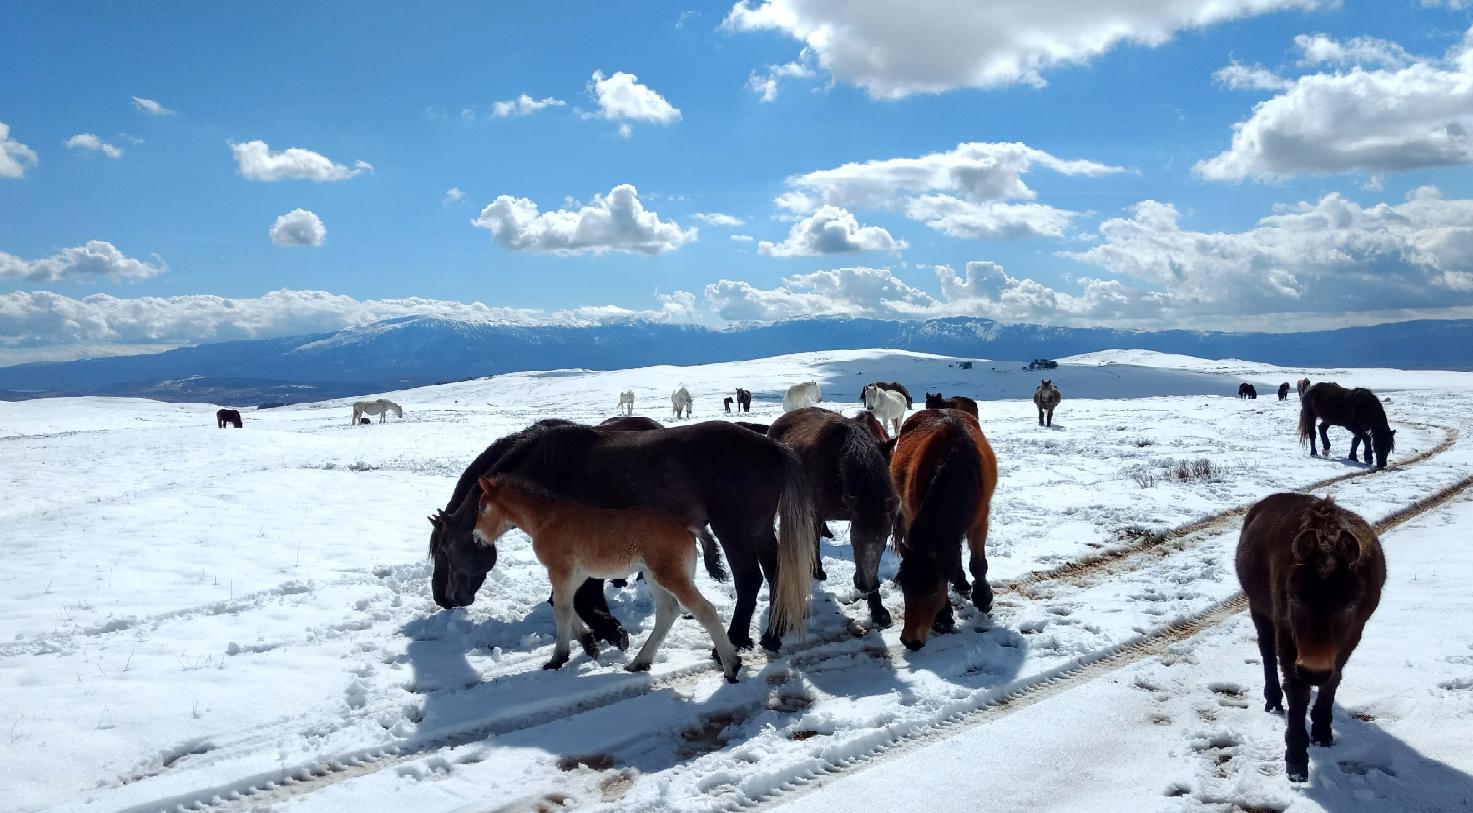 I cavalli di Livno - foto gentilmente concessa da Mario Jozić